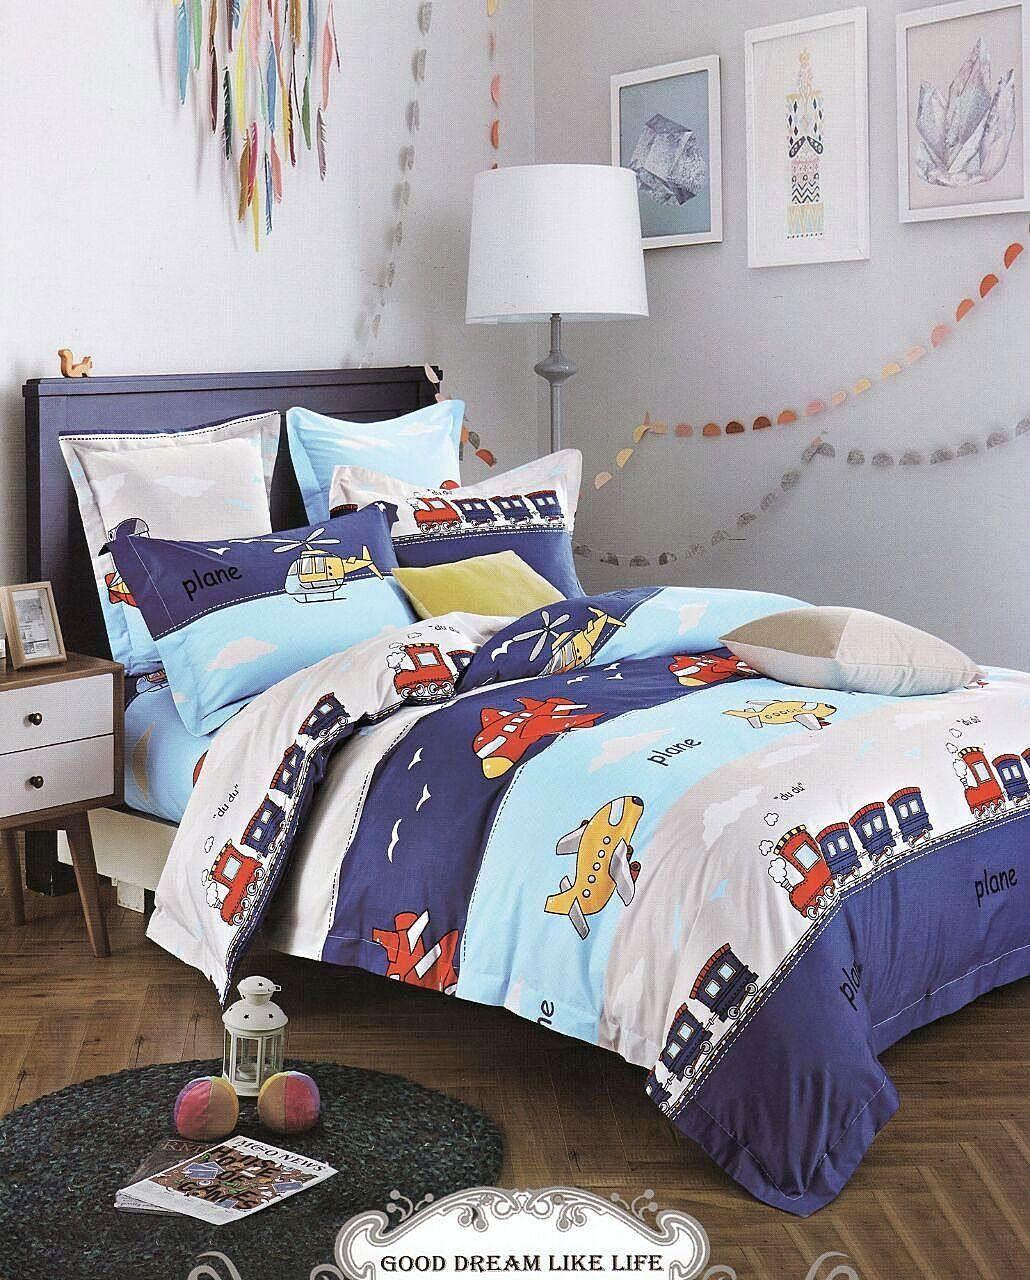 ide dekorasi dinding kamar tidur 3x3 | dekorasi kamar tidur di 2019